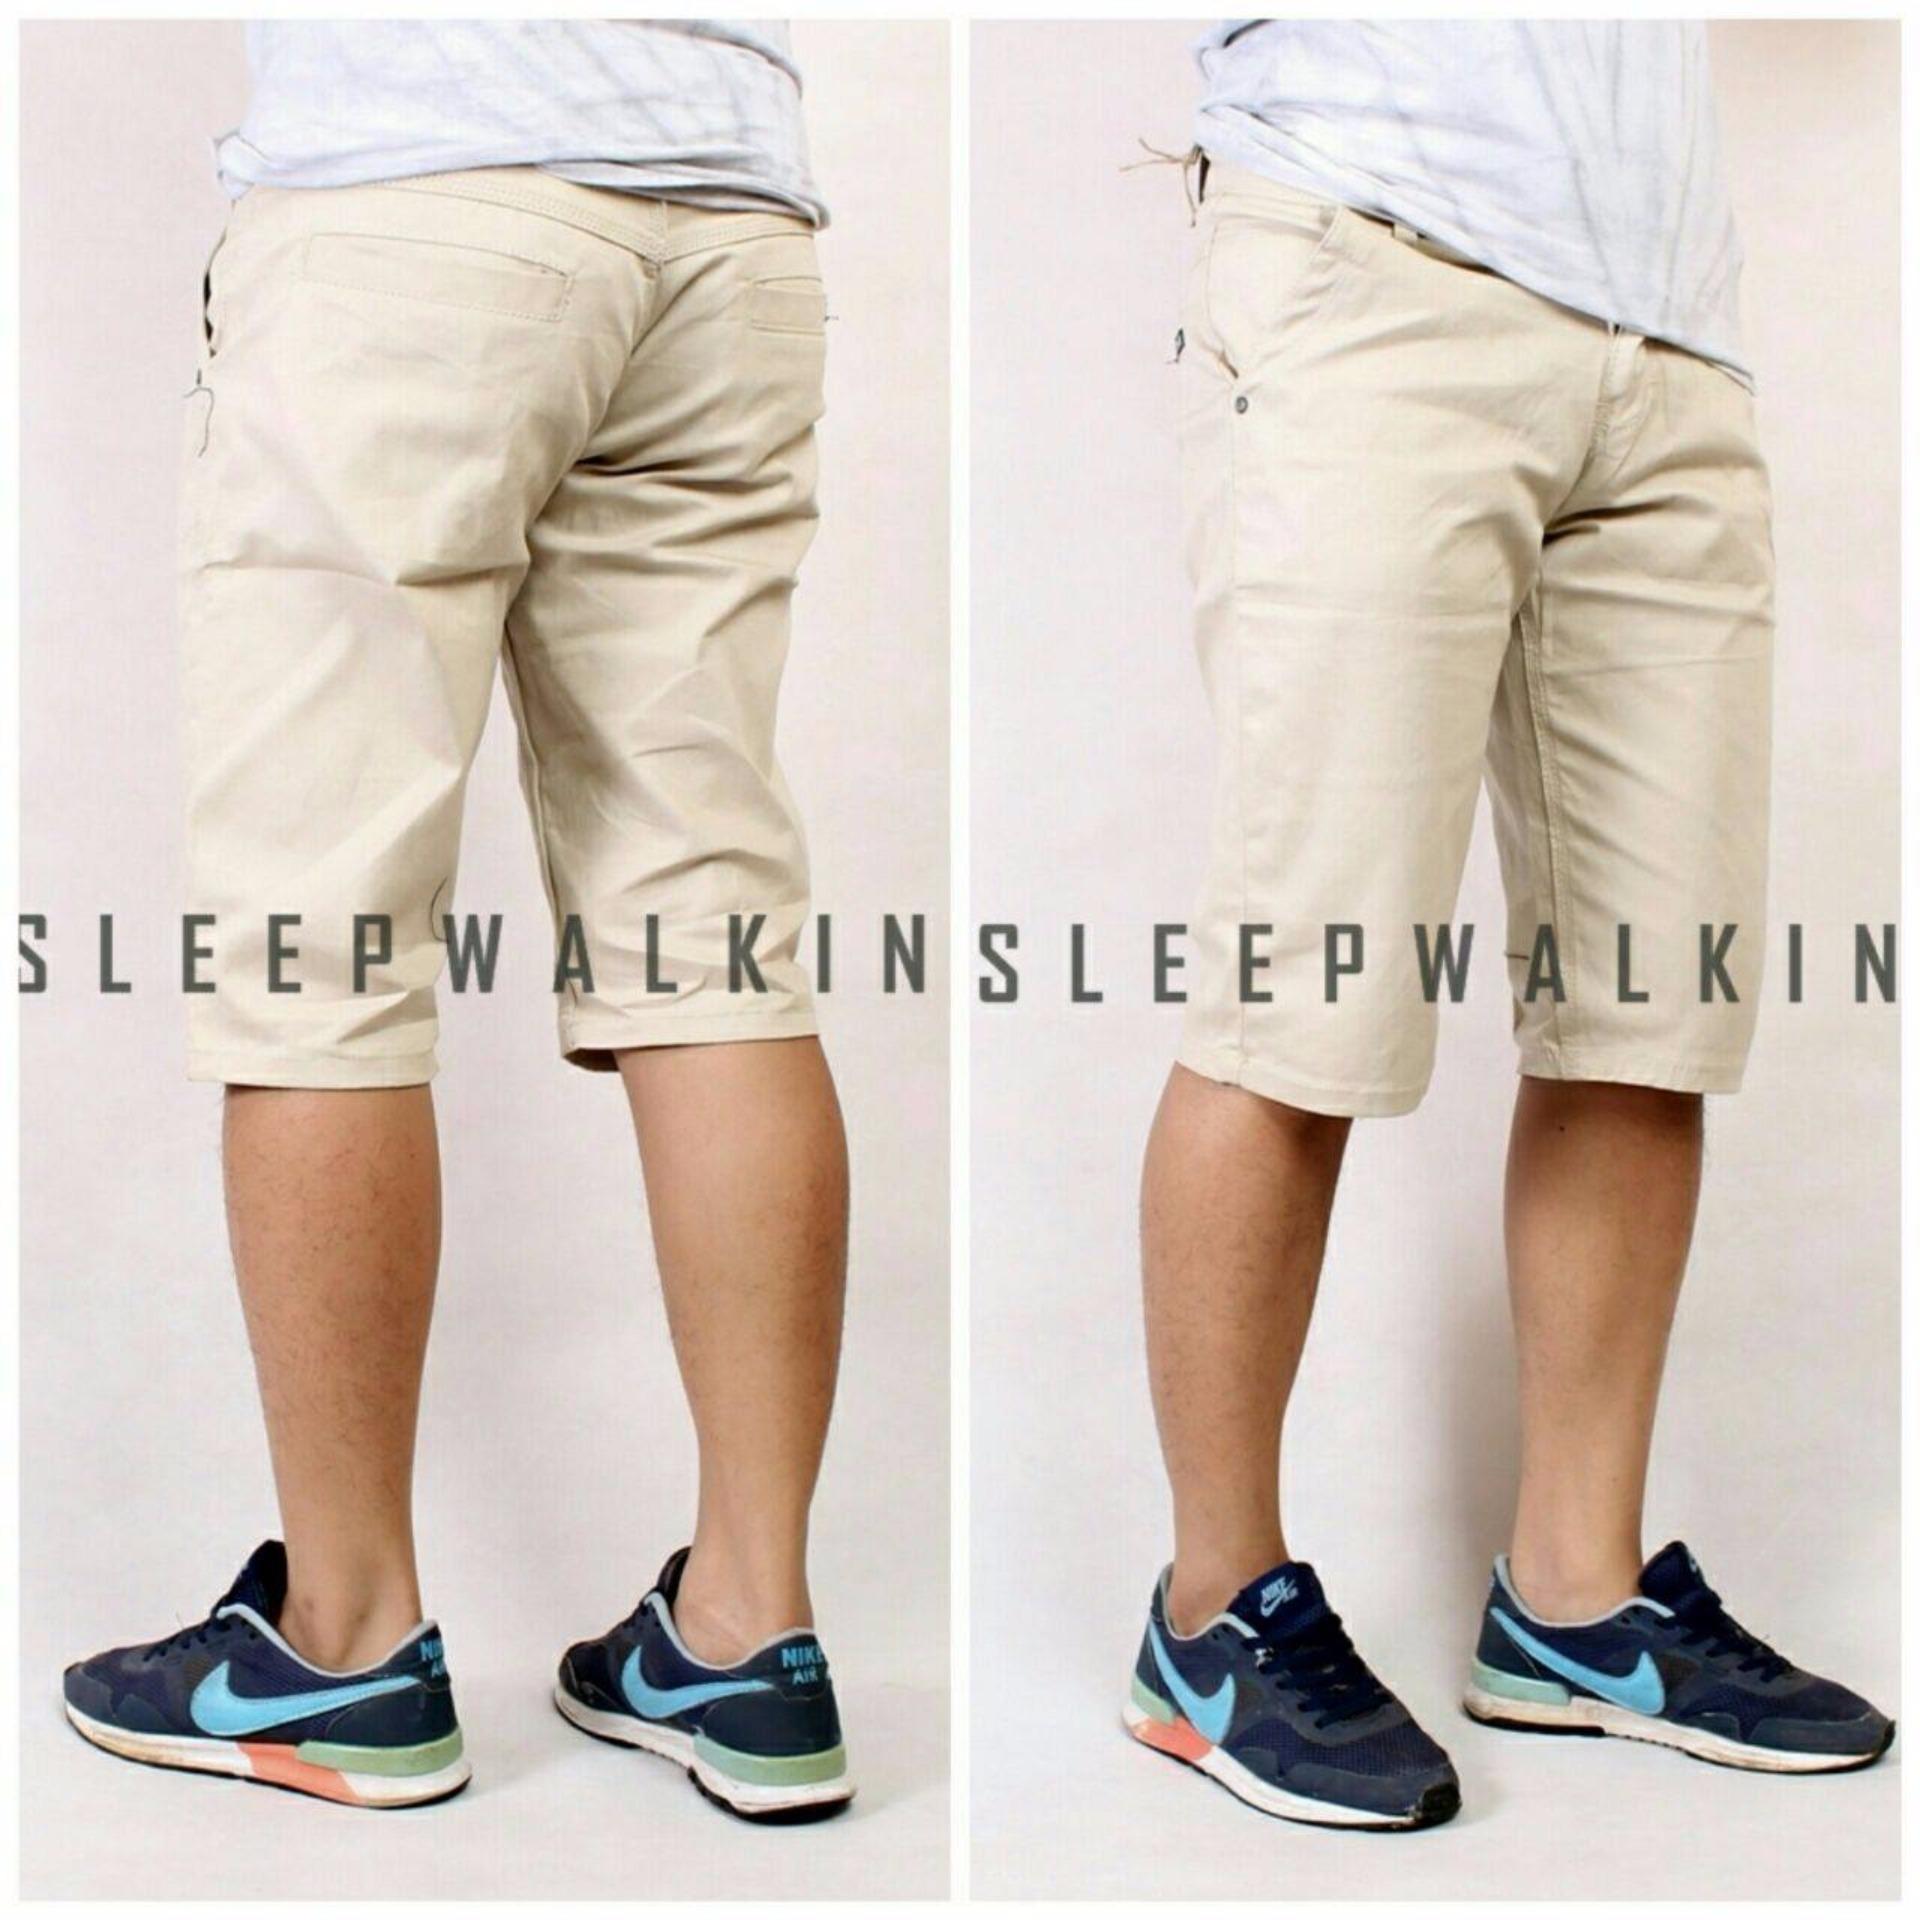 Jual Sleepwalking Celana Cargo Murah Garansi Dan Berkualitas Id Store Jeans Pendek Pria Bioblitz Rp 139000 Chino